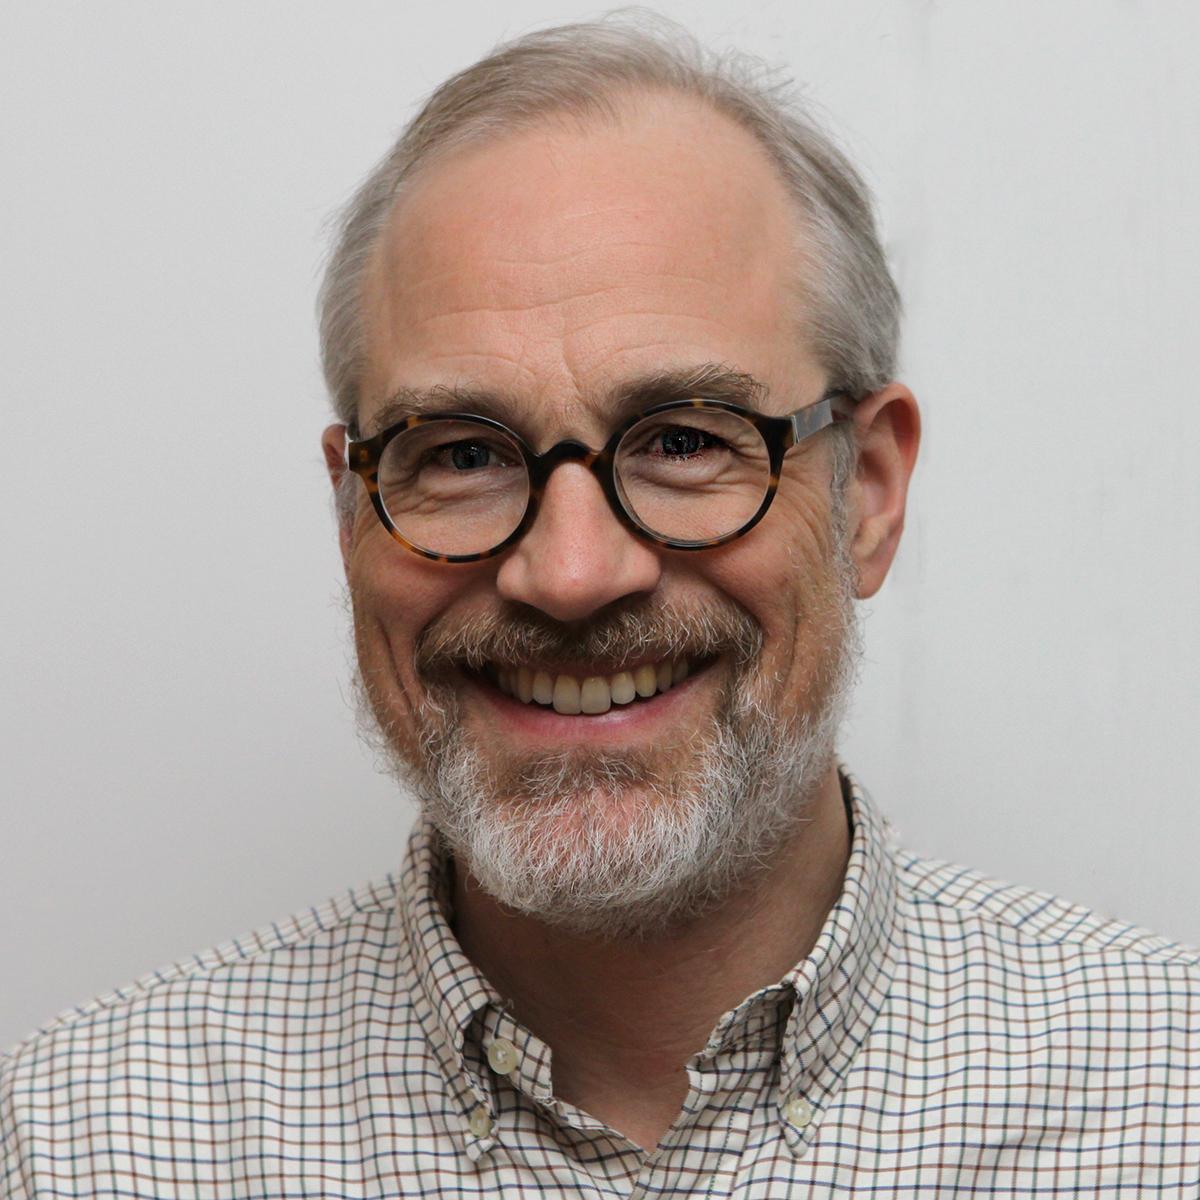 David Herrman är styrelsemedlem i Örgryteföreningen sedan 2016